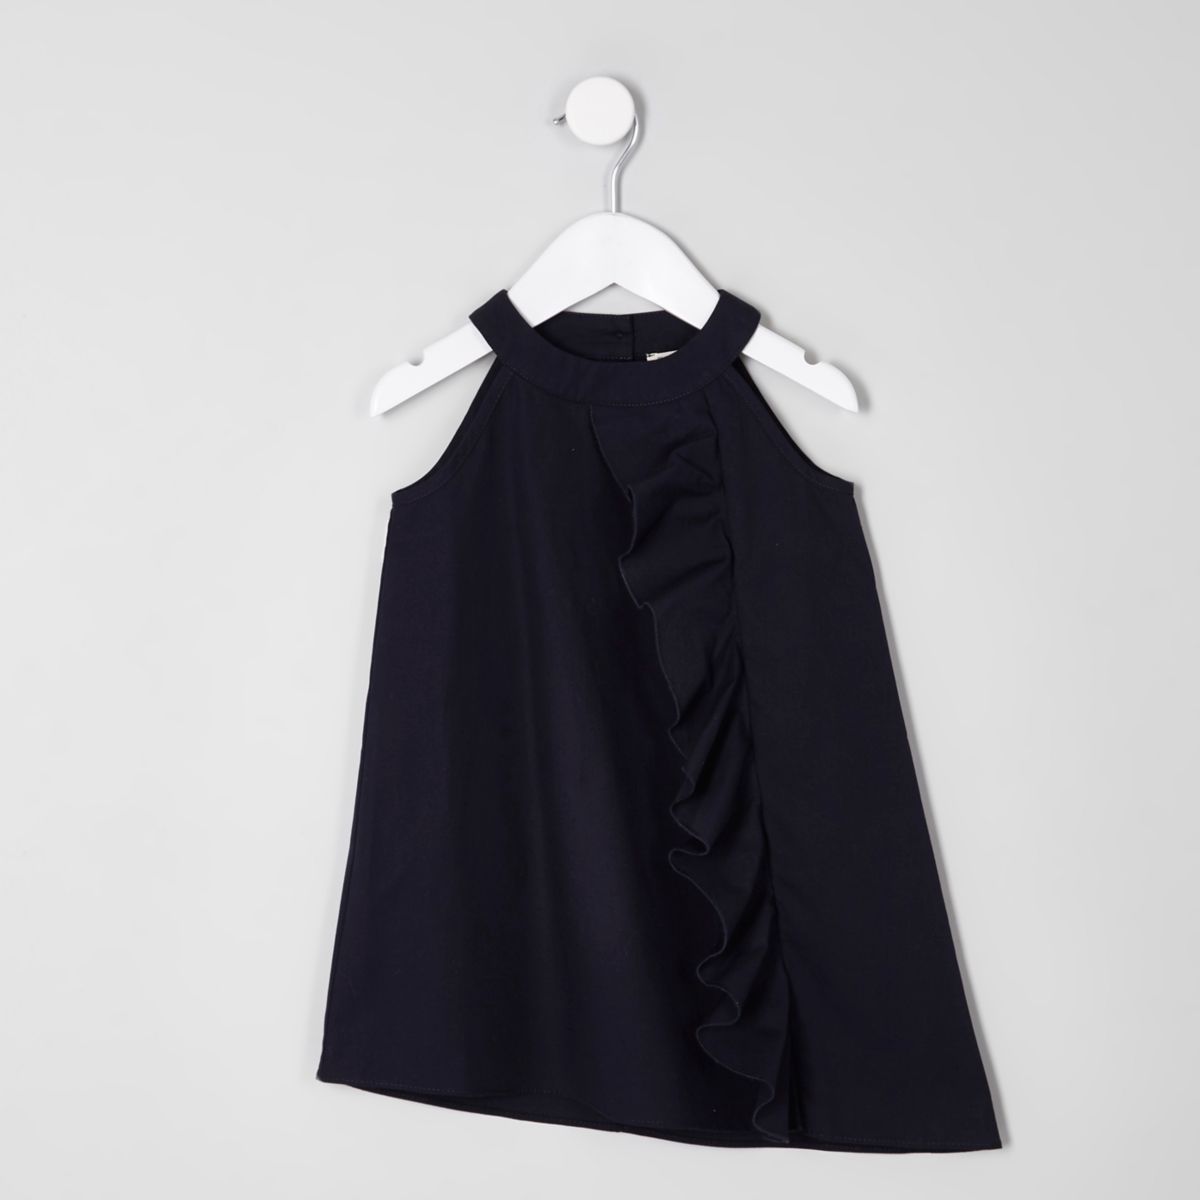 Marineblaues, ärmelloses Kleid mit Rüschen